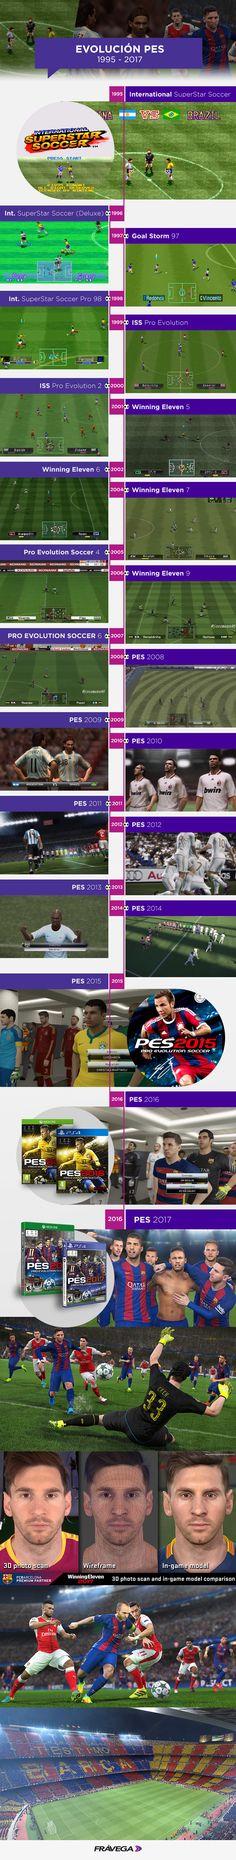 ¿#TeAcordasDe cuántos cambios tuvo el #PES17 desde el International SuperStar Soccer? ¡Te mostramos! #MundoGamer